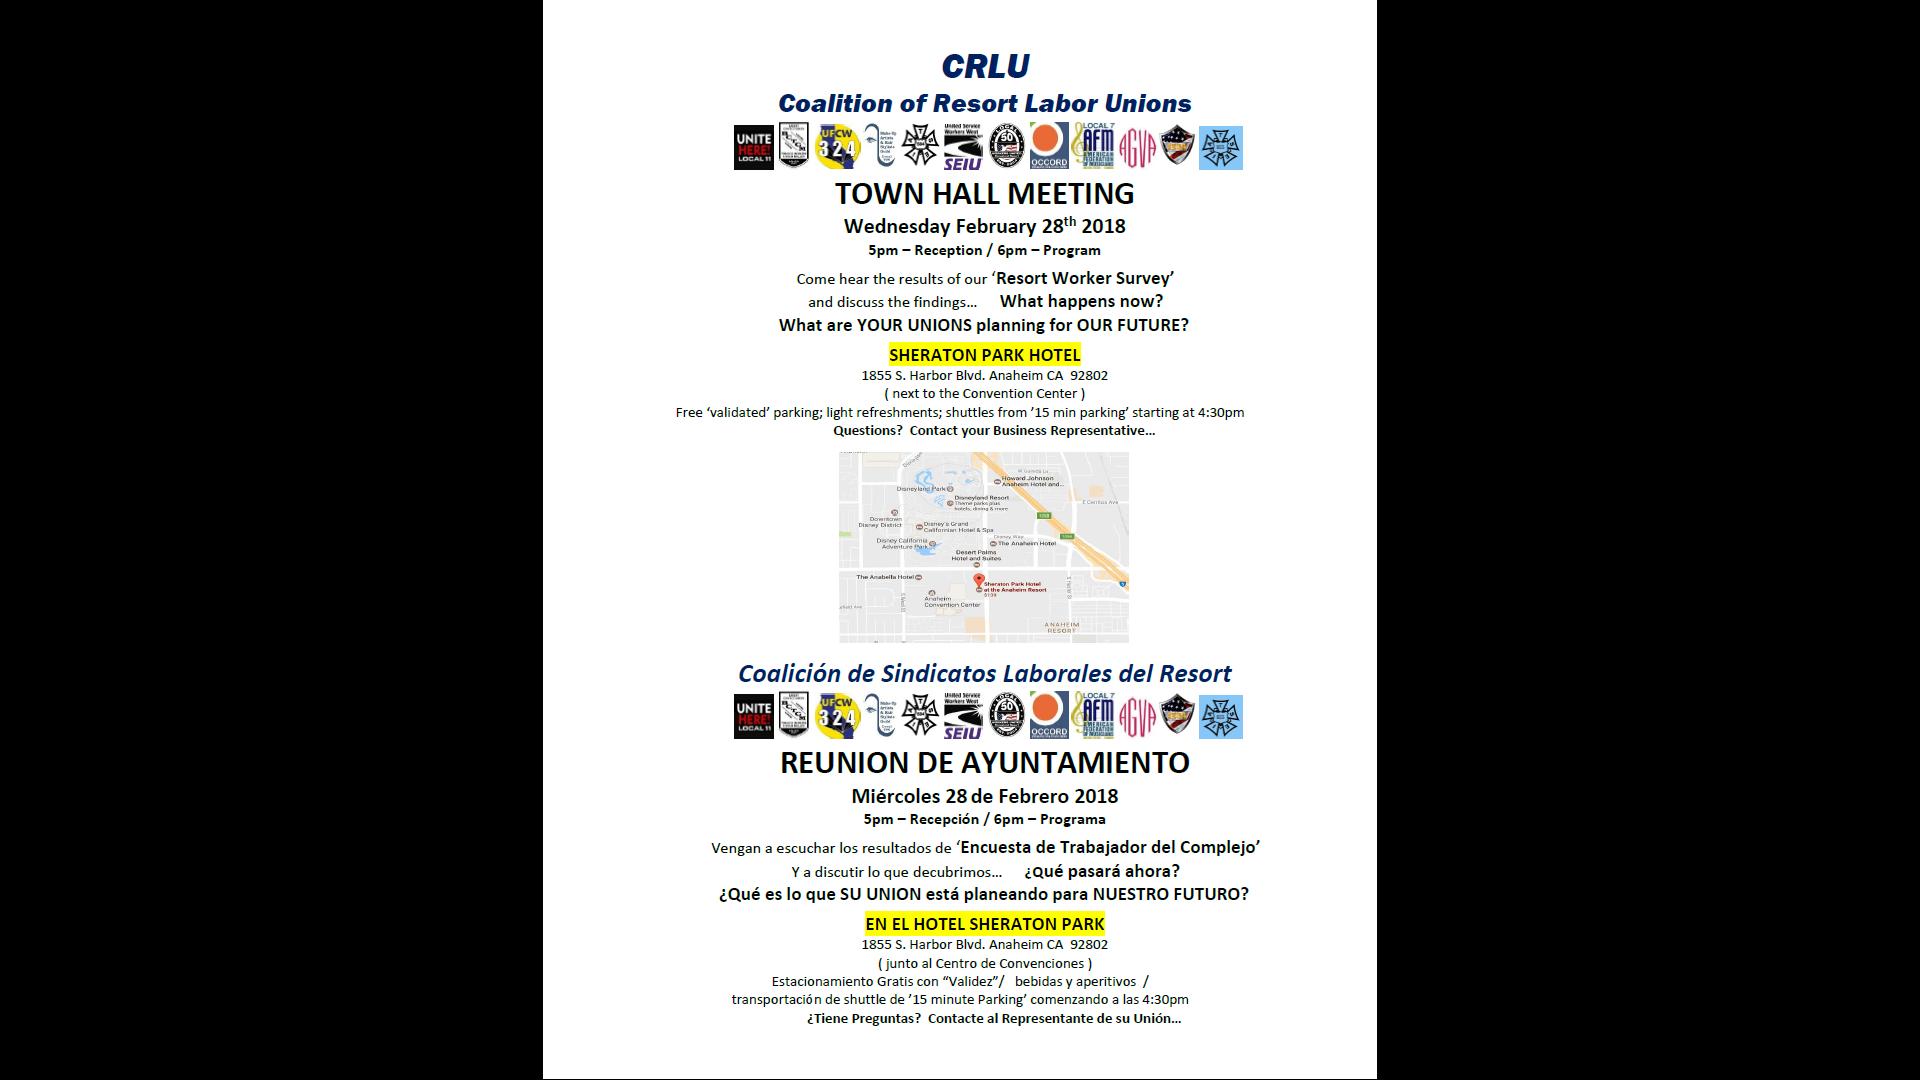 CRLU_town_hall.png